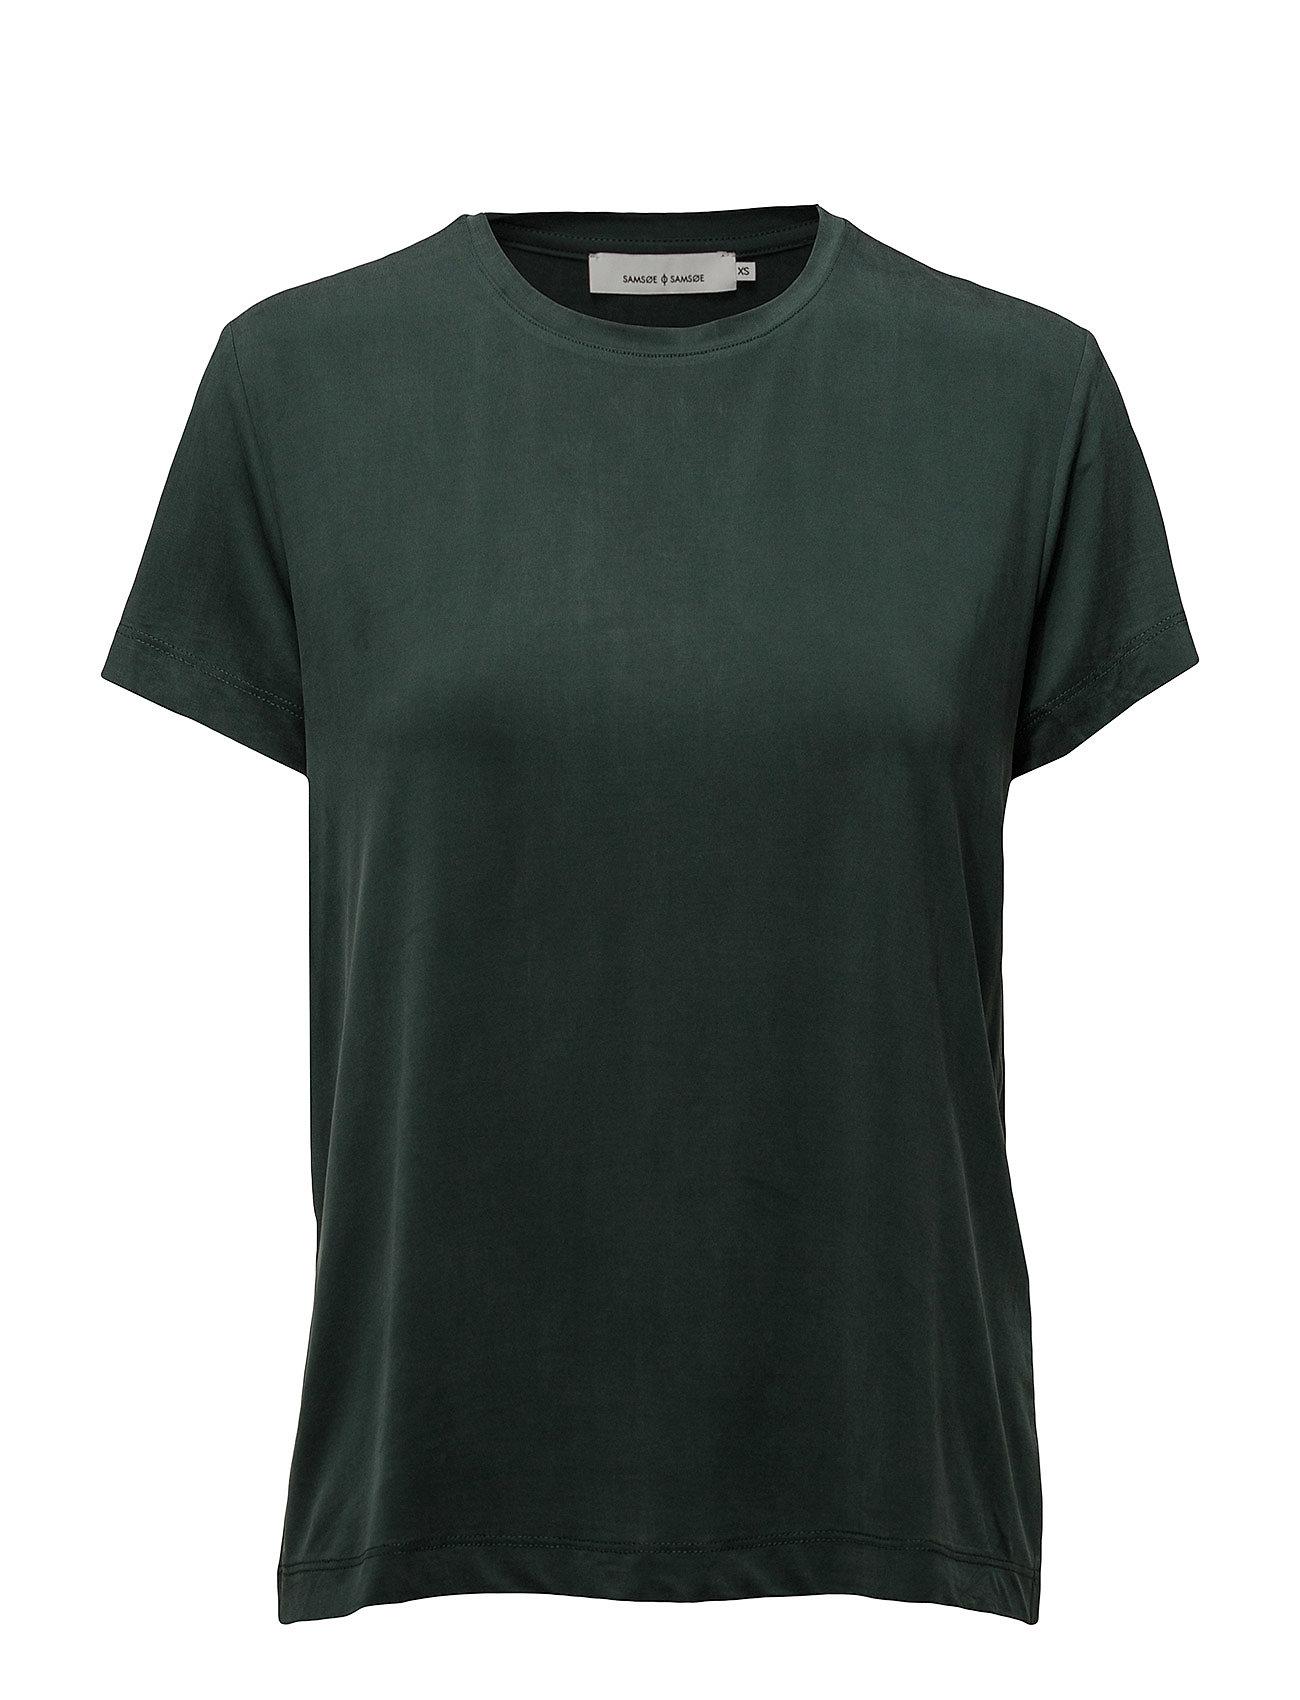 Siff Tee 6202 T shirt Top Grøn Samsøe & Samsøe